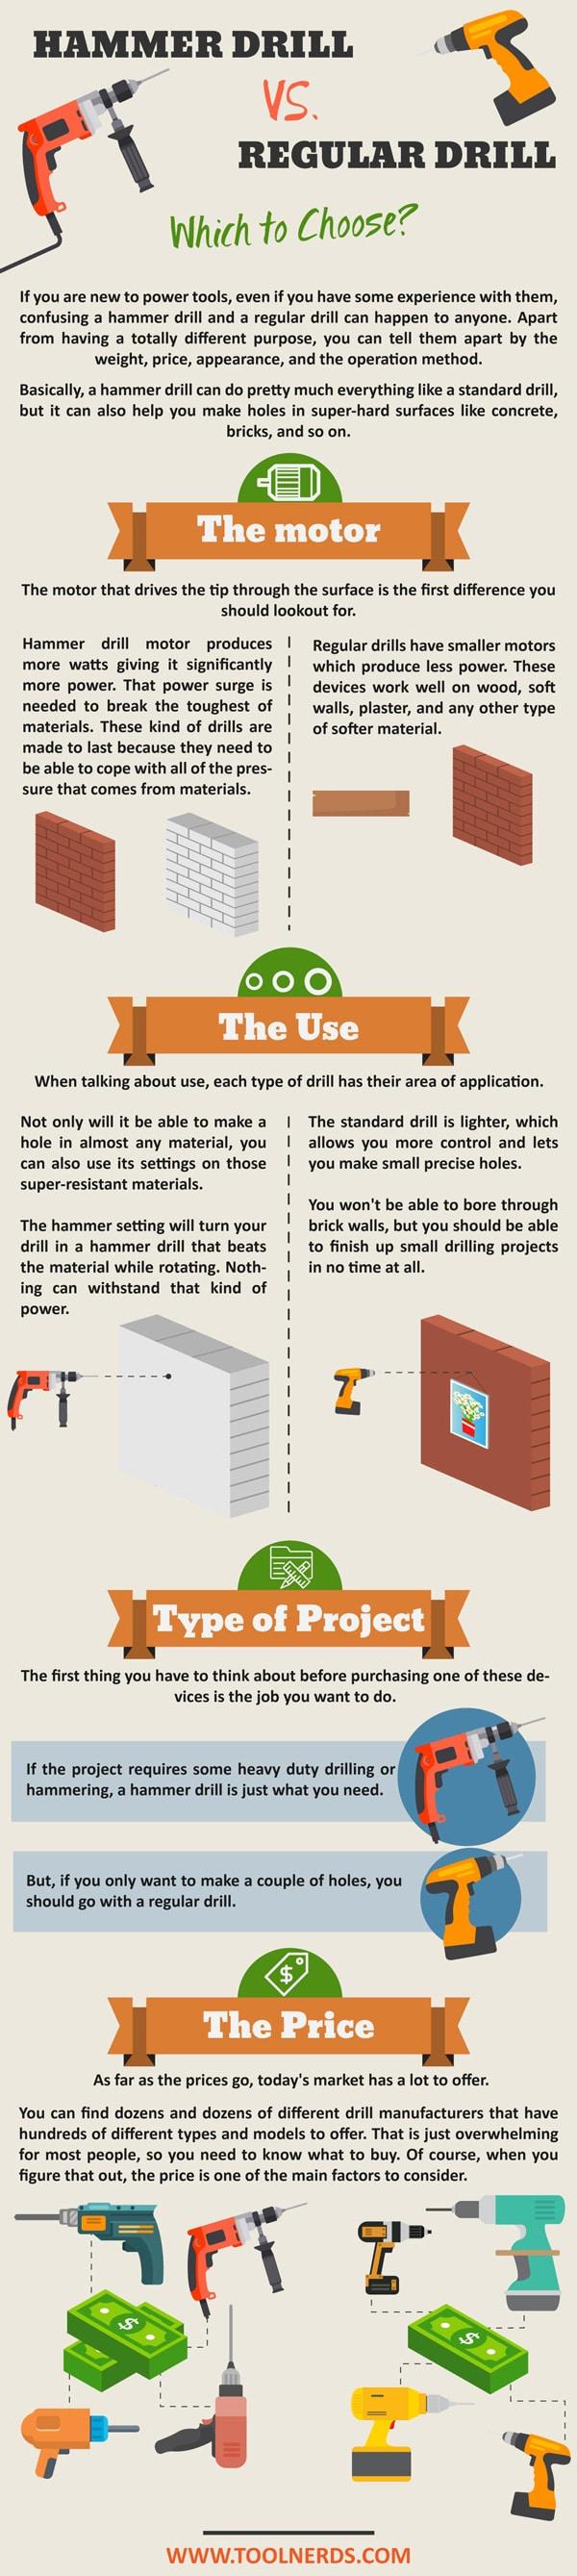 Hammer Drill vs Regular Drill Infographic